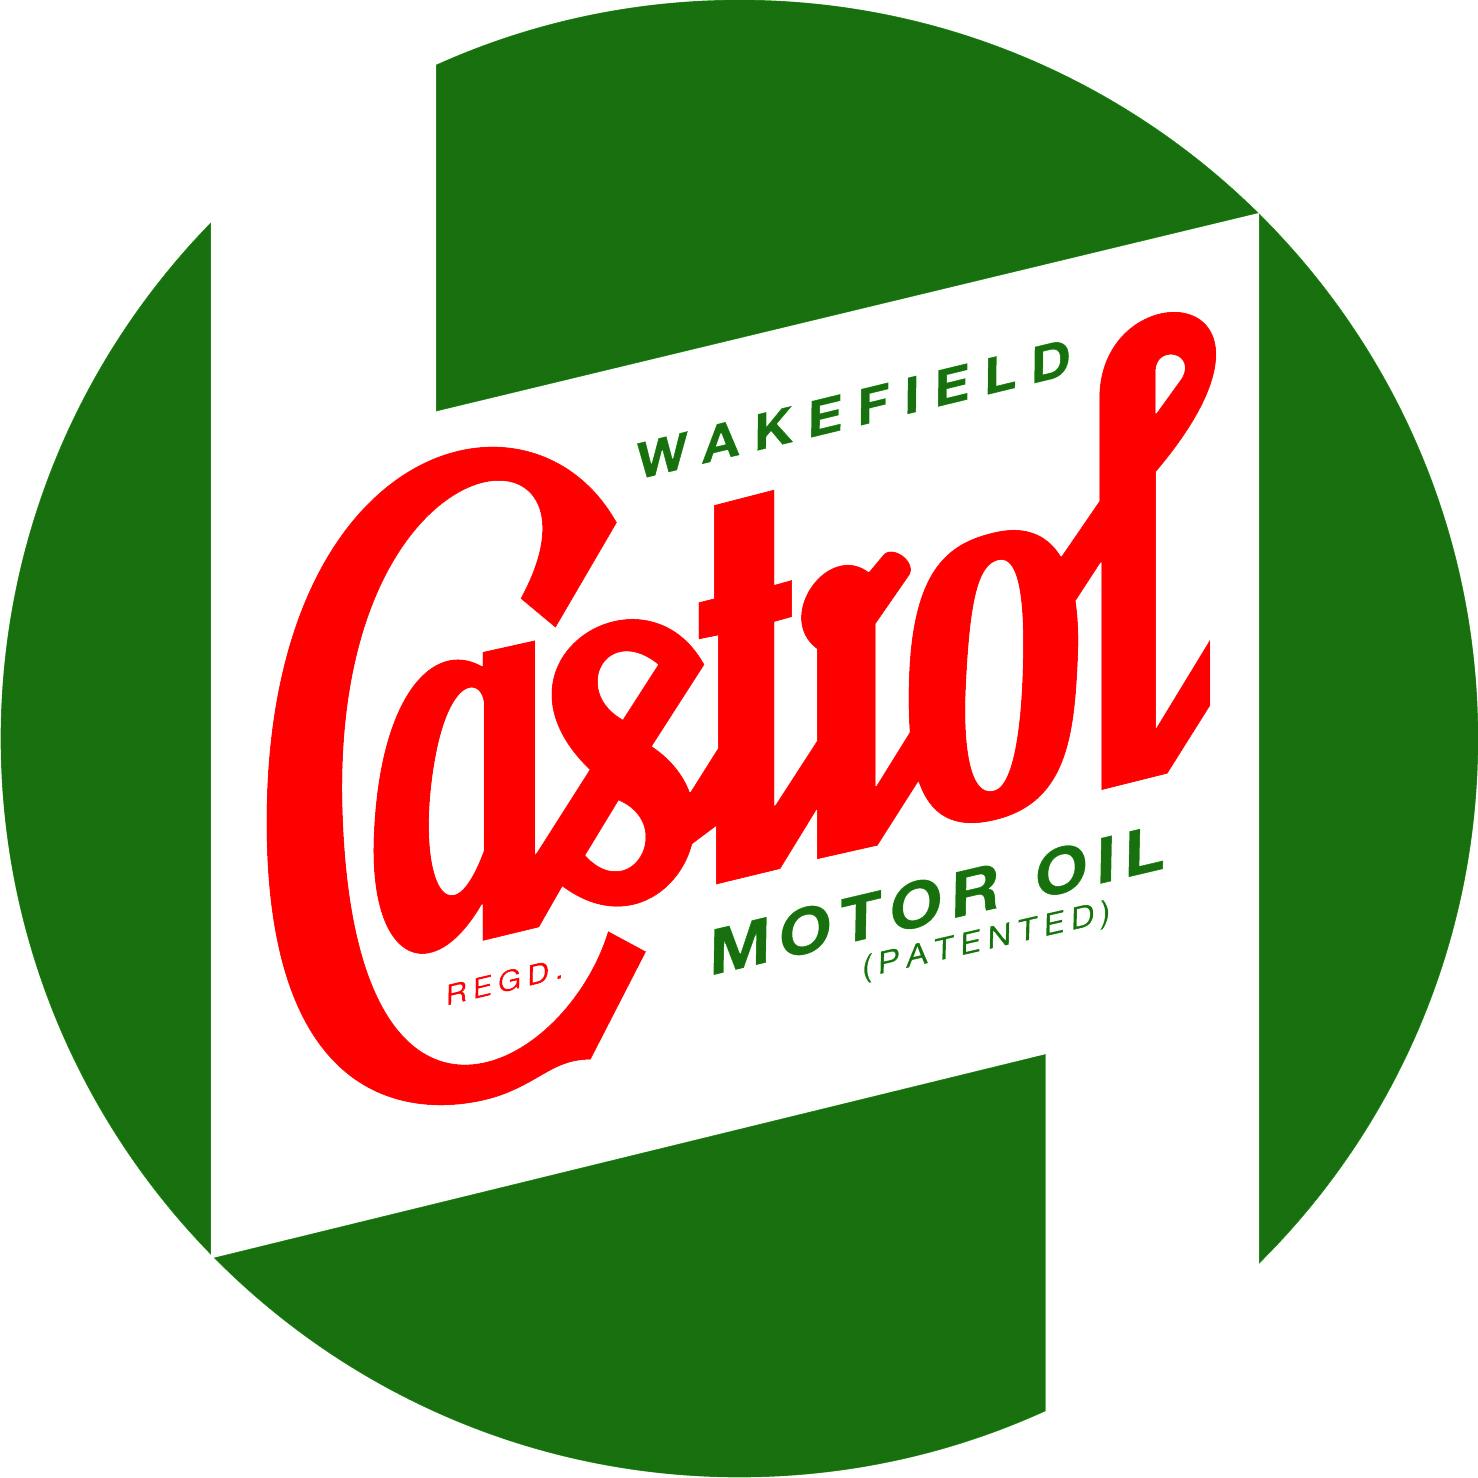 Castrol Classic Oils logo